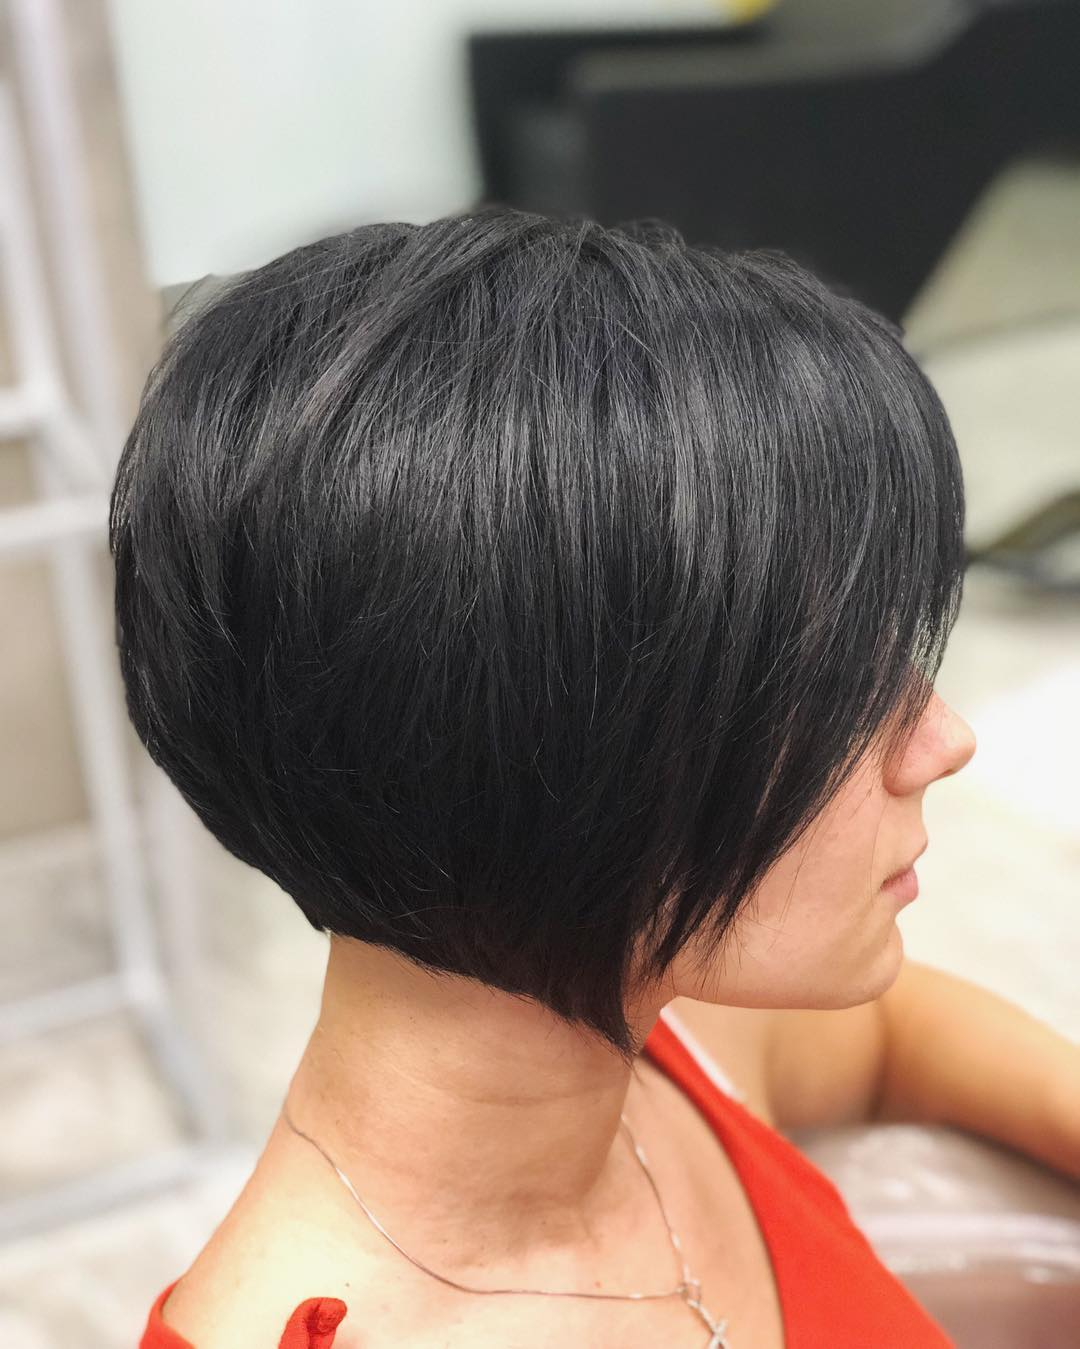 стрижка-боб-каре-2019-средние-волосы